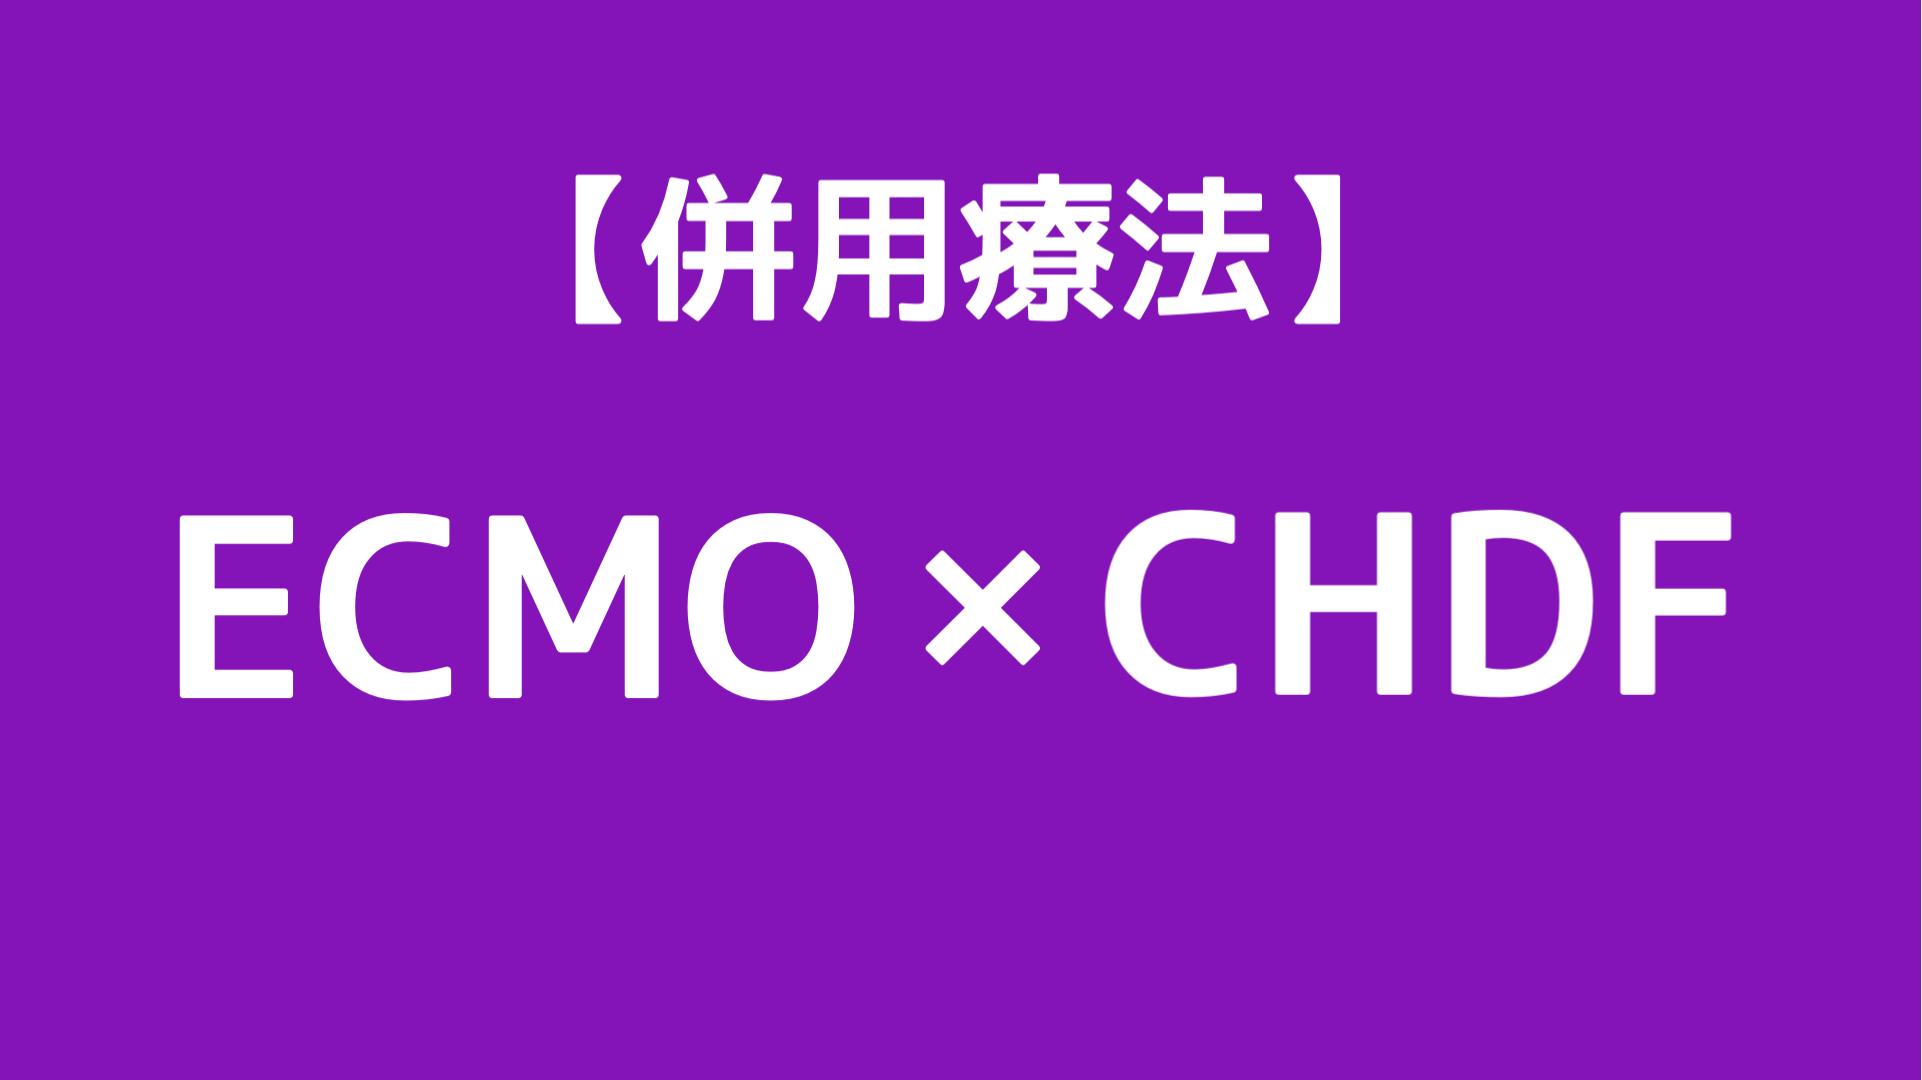 ECMO,CHDF